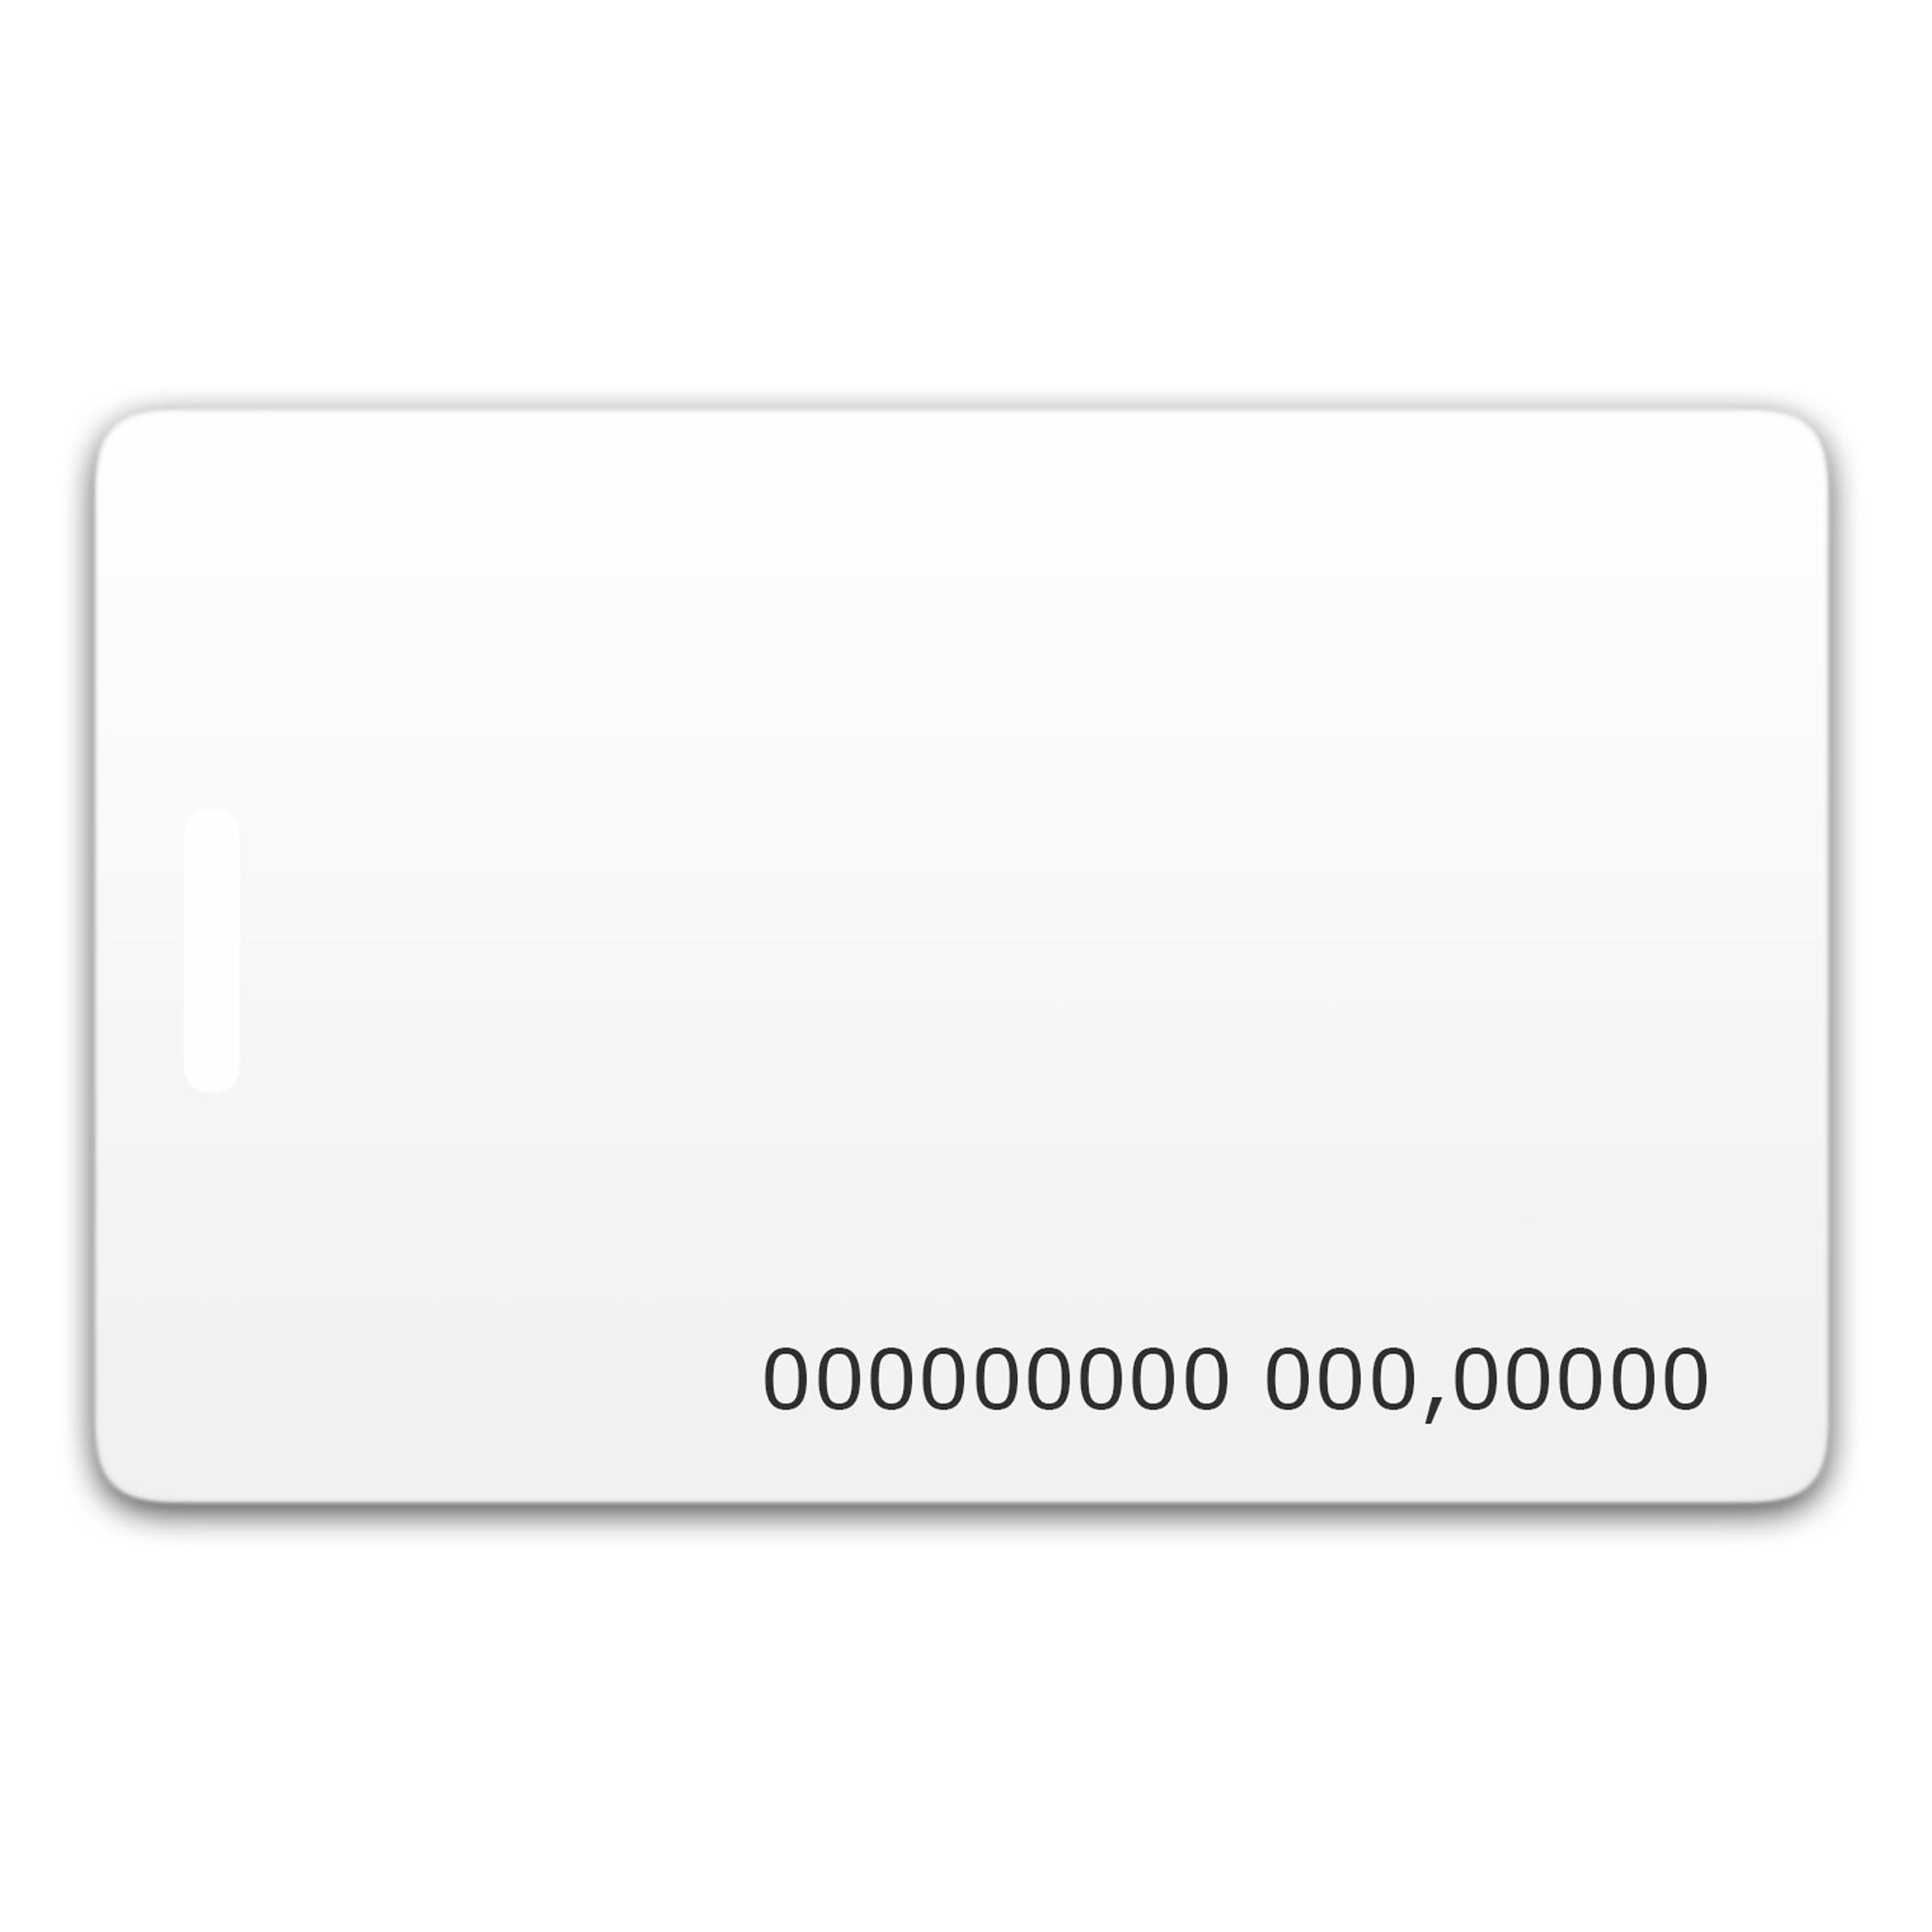 Chip-UA | Бесконтактная пластиковая RFID-карта с номером с чипом Mifare Ultralight